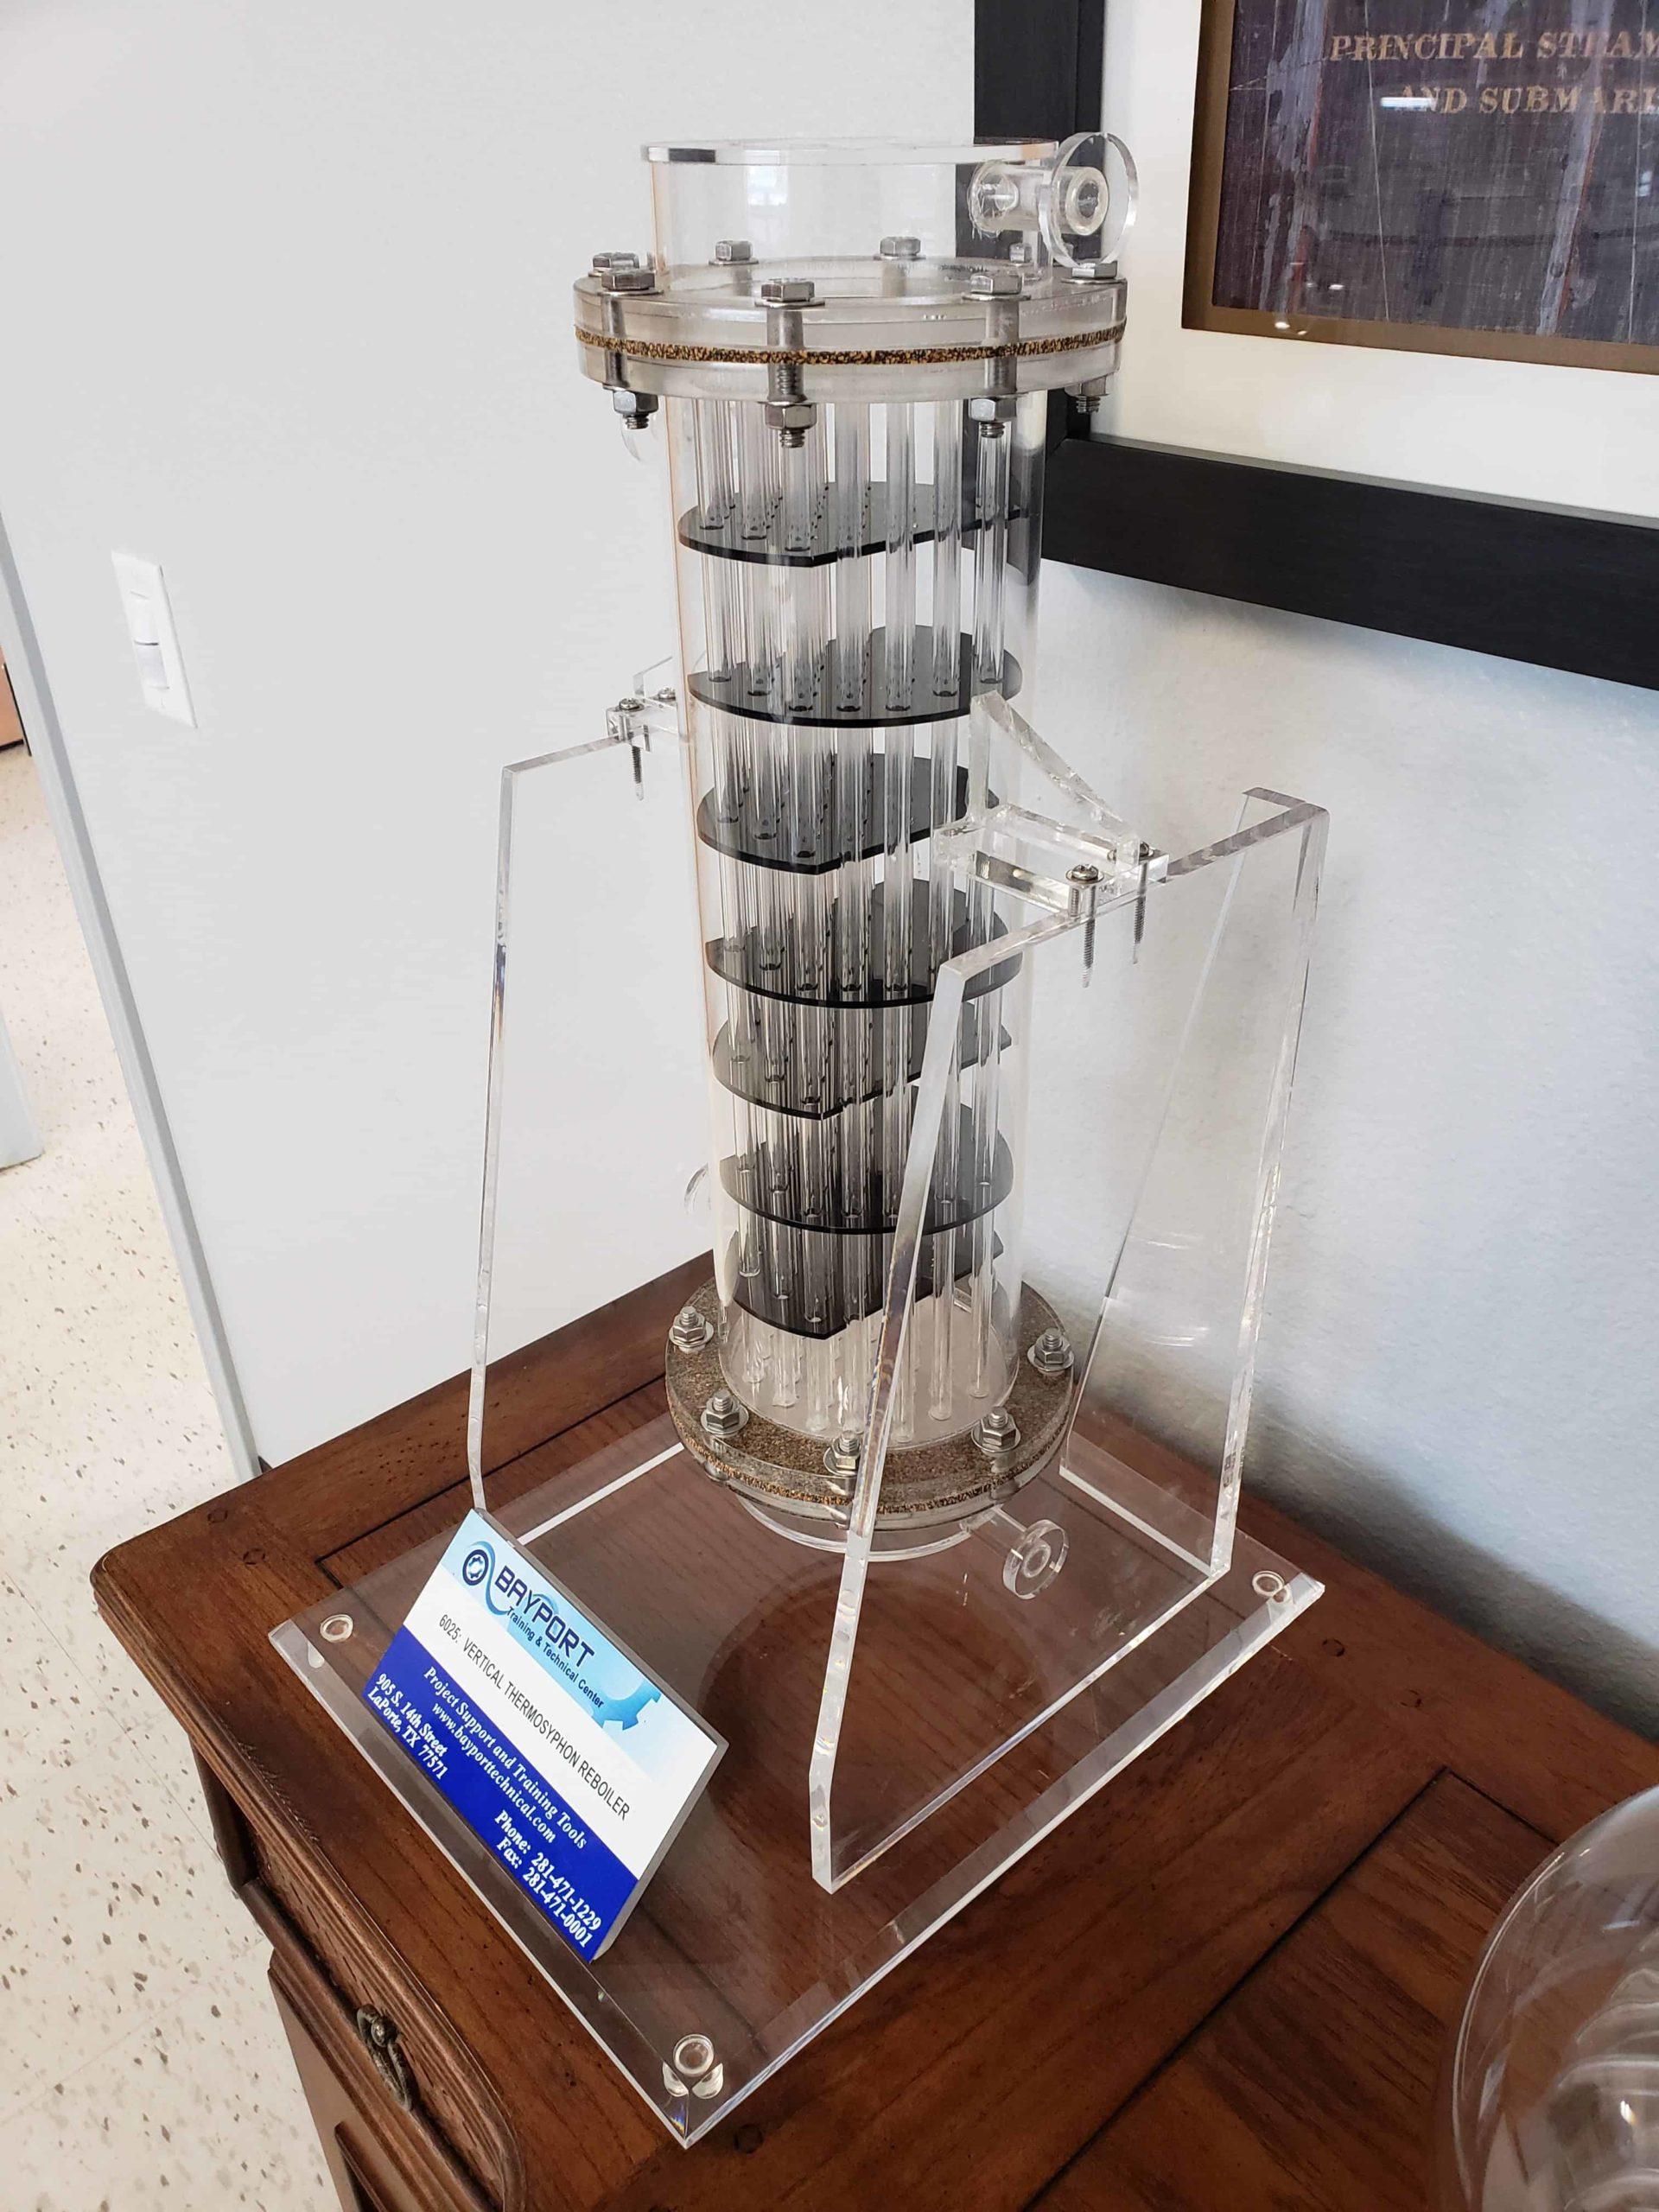 Bayport Technical | 115-VTR Vertical Thermosyphon Reboiler Model - Acrylic